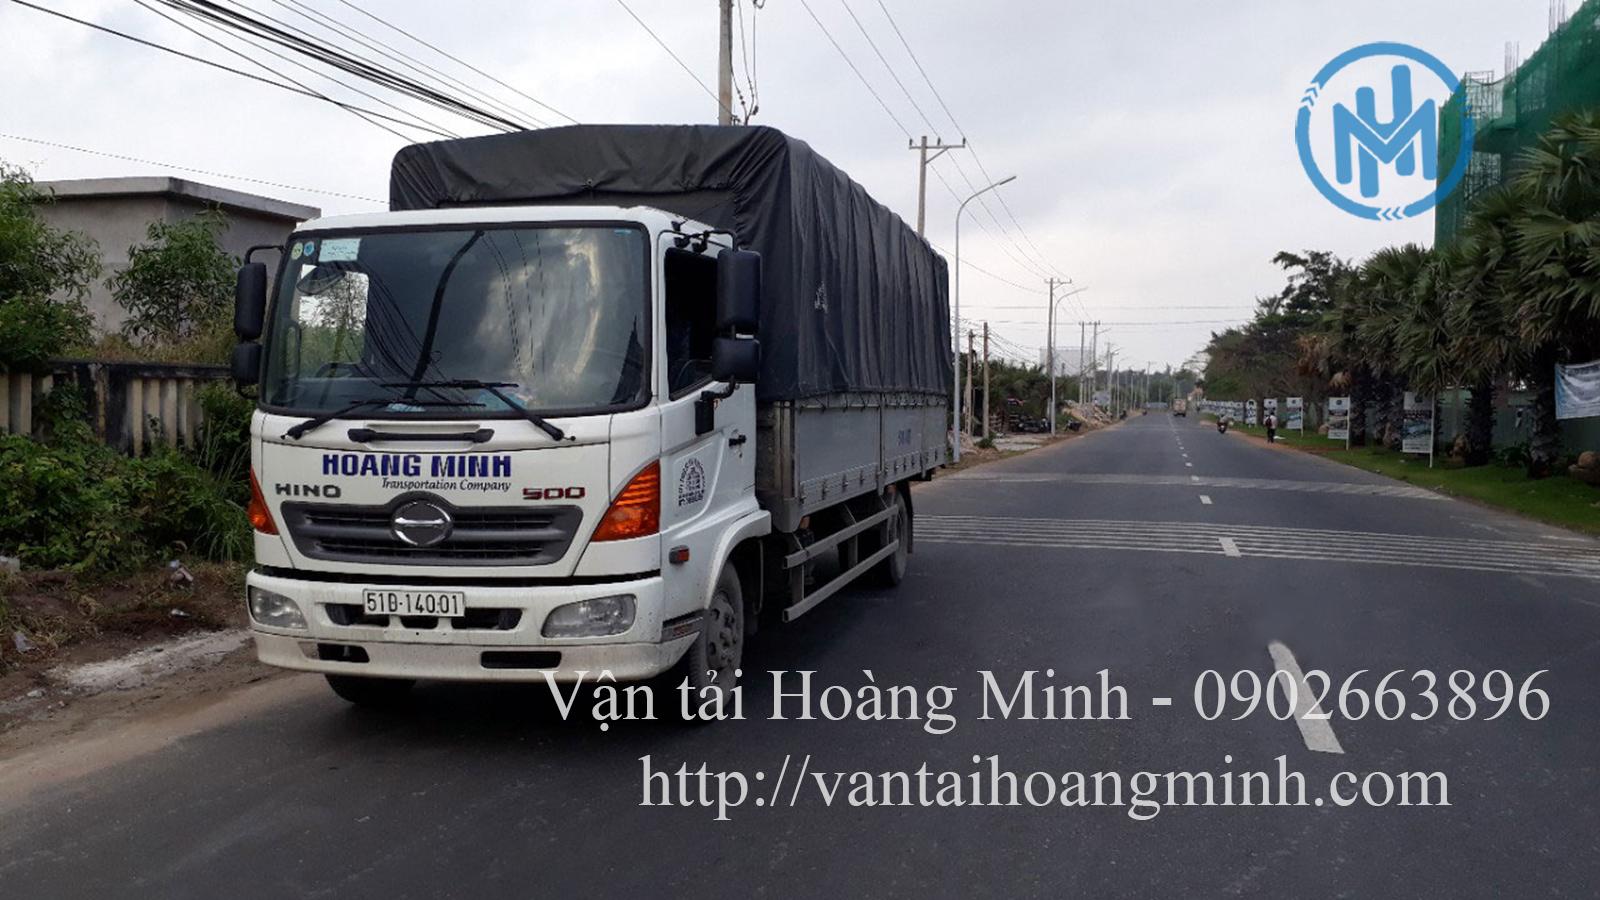 vận chuyển hàng hóa bằng xe tải chuyên nghiệp